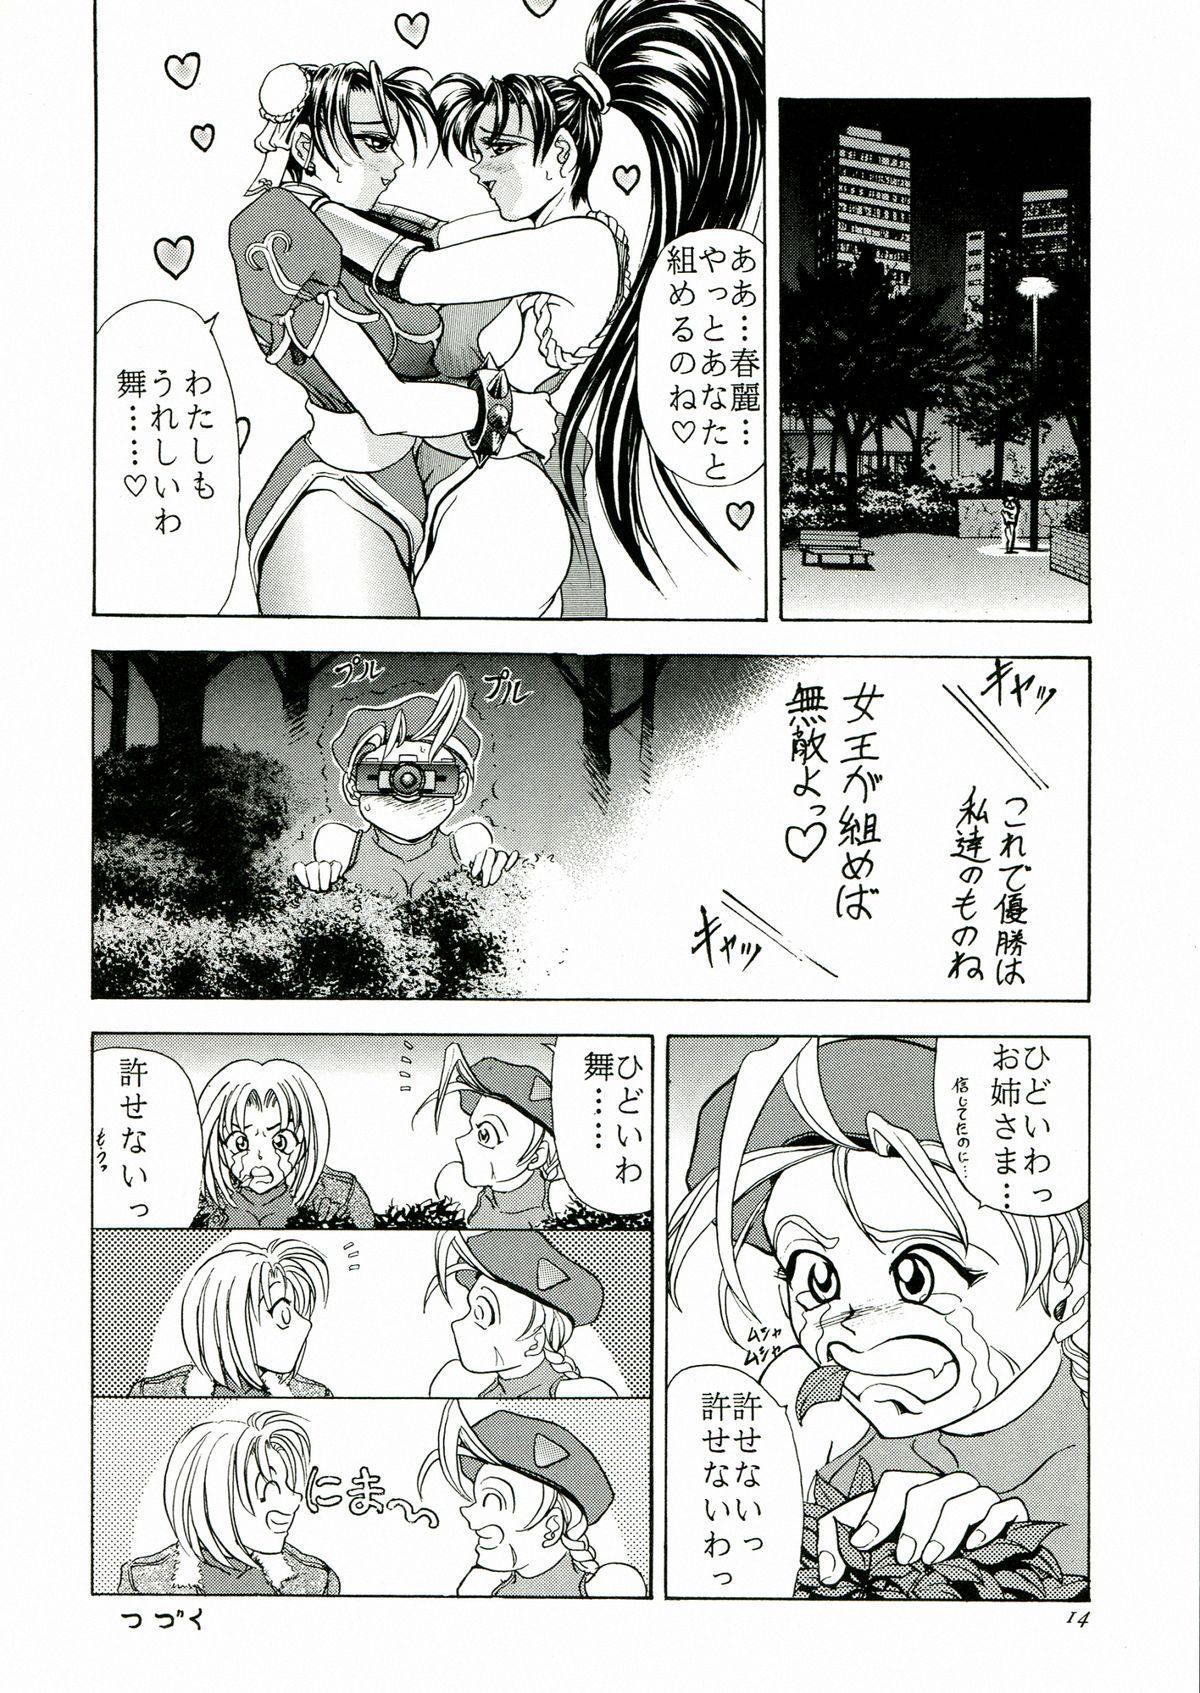 Kawaraya Honpo vol. 1 13